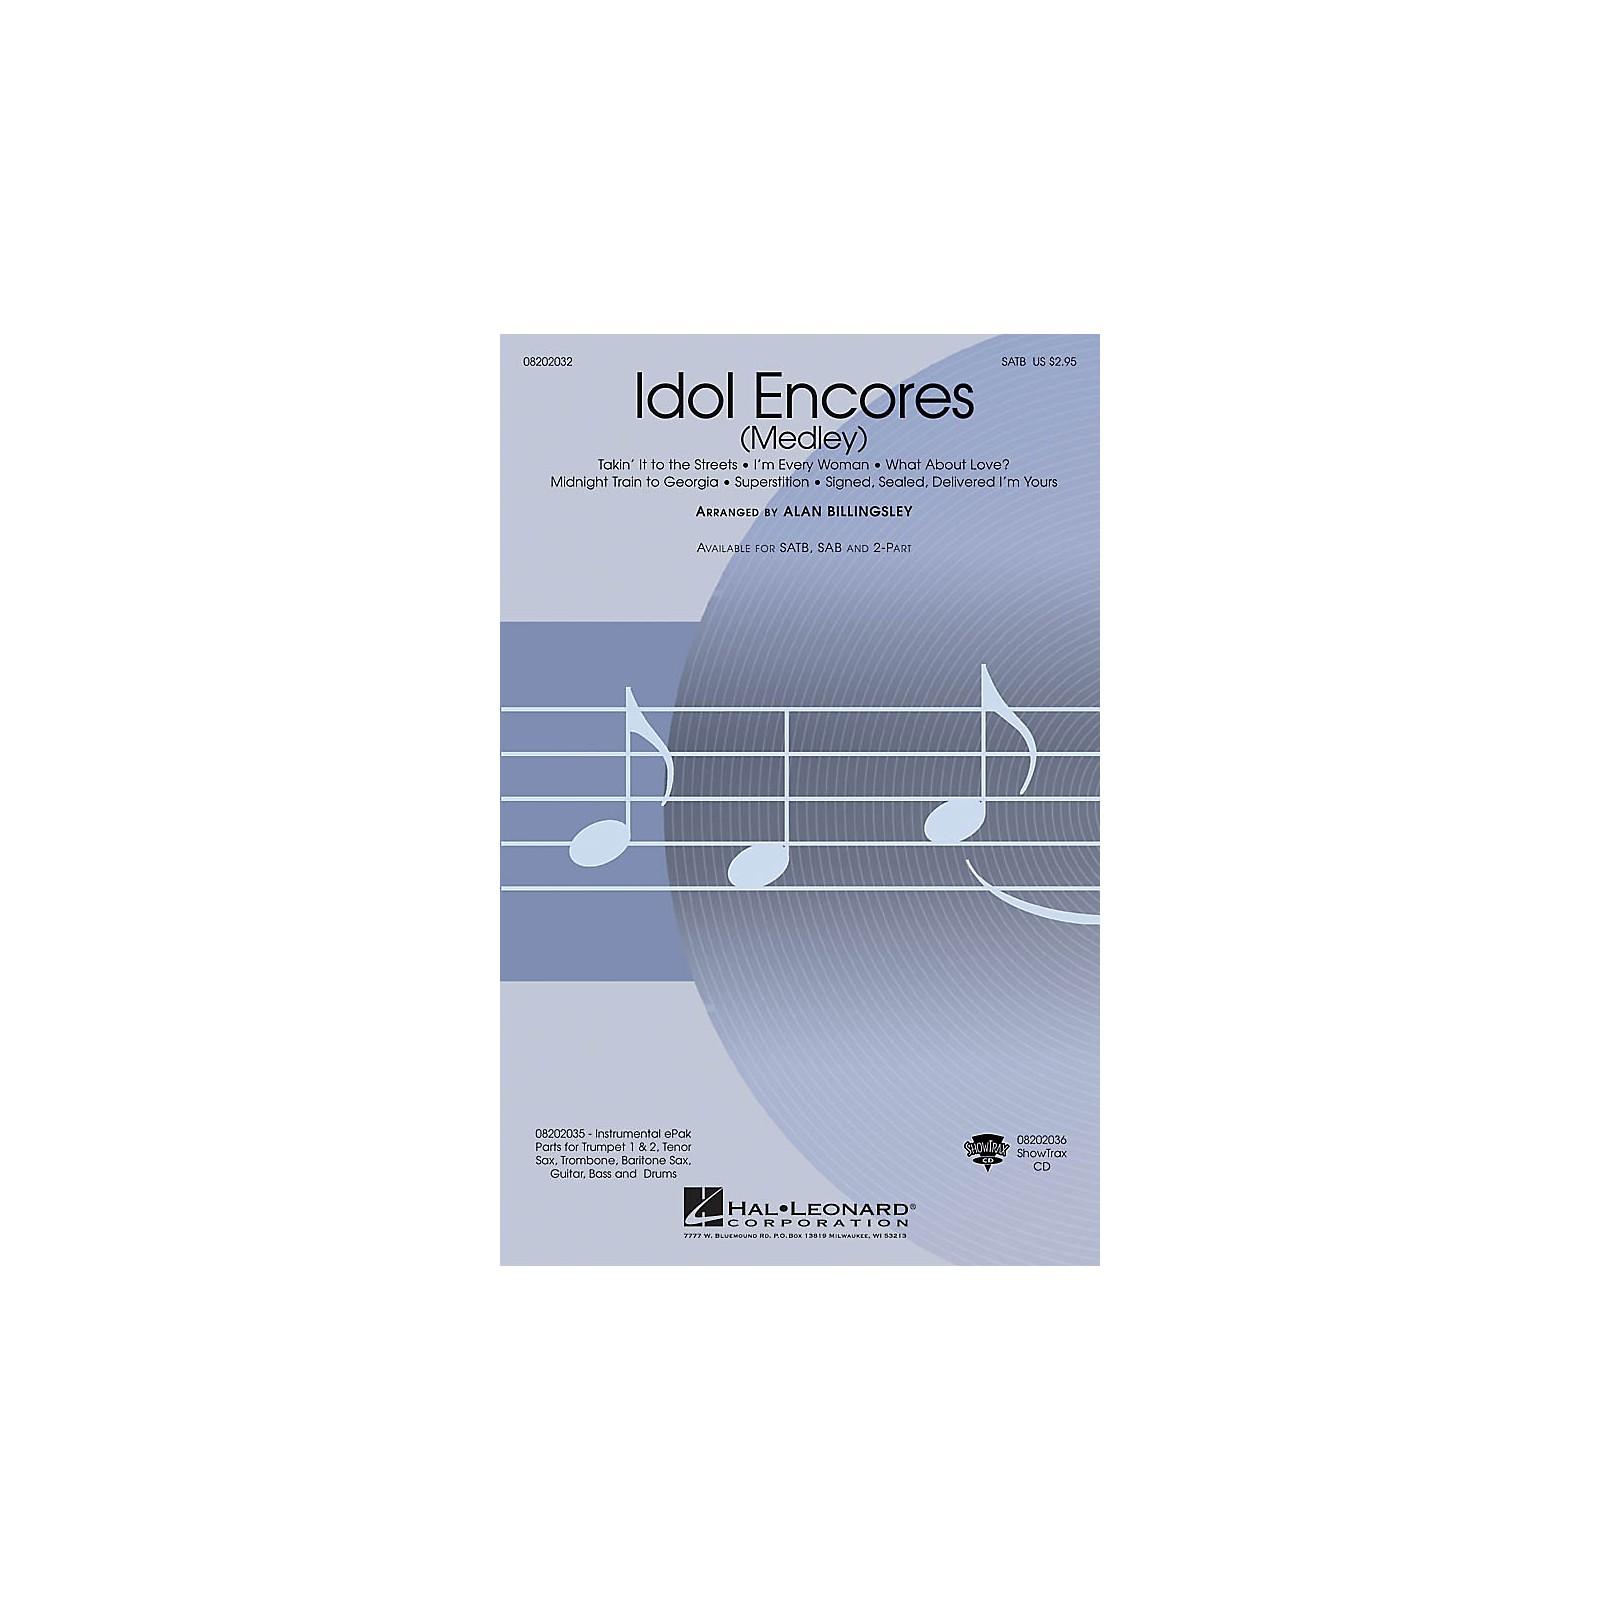 Hal Leonard Idol Encores ShowTrax CD Arranged by Alan Billingsley